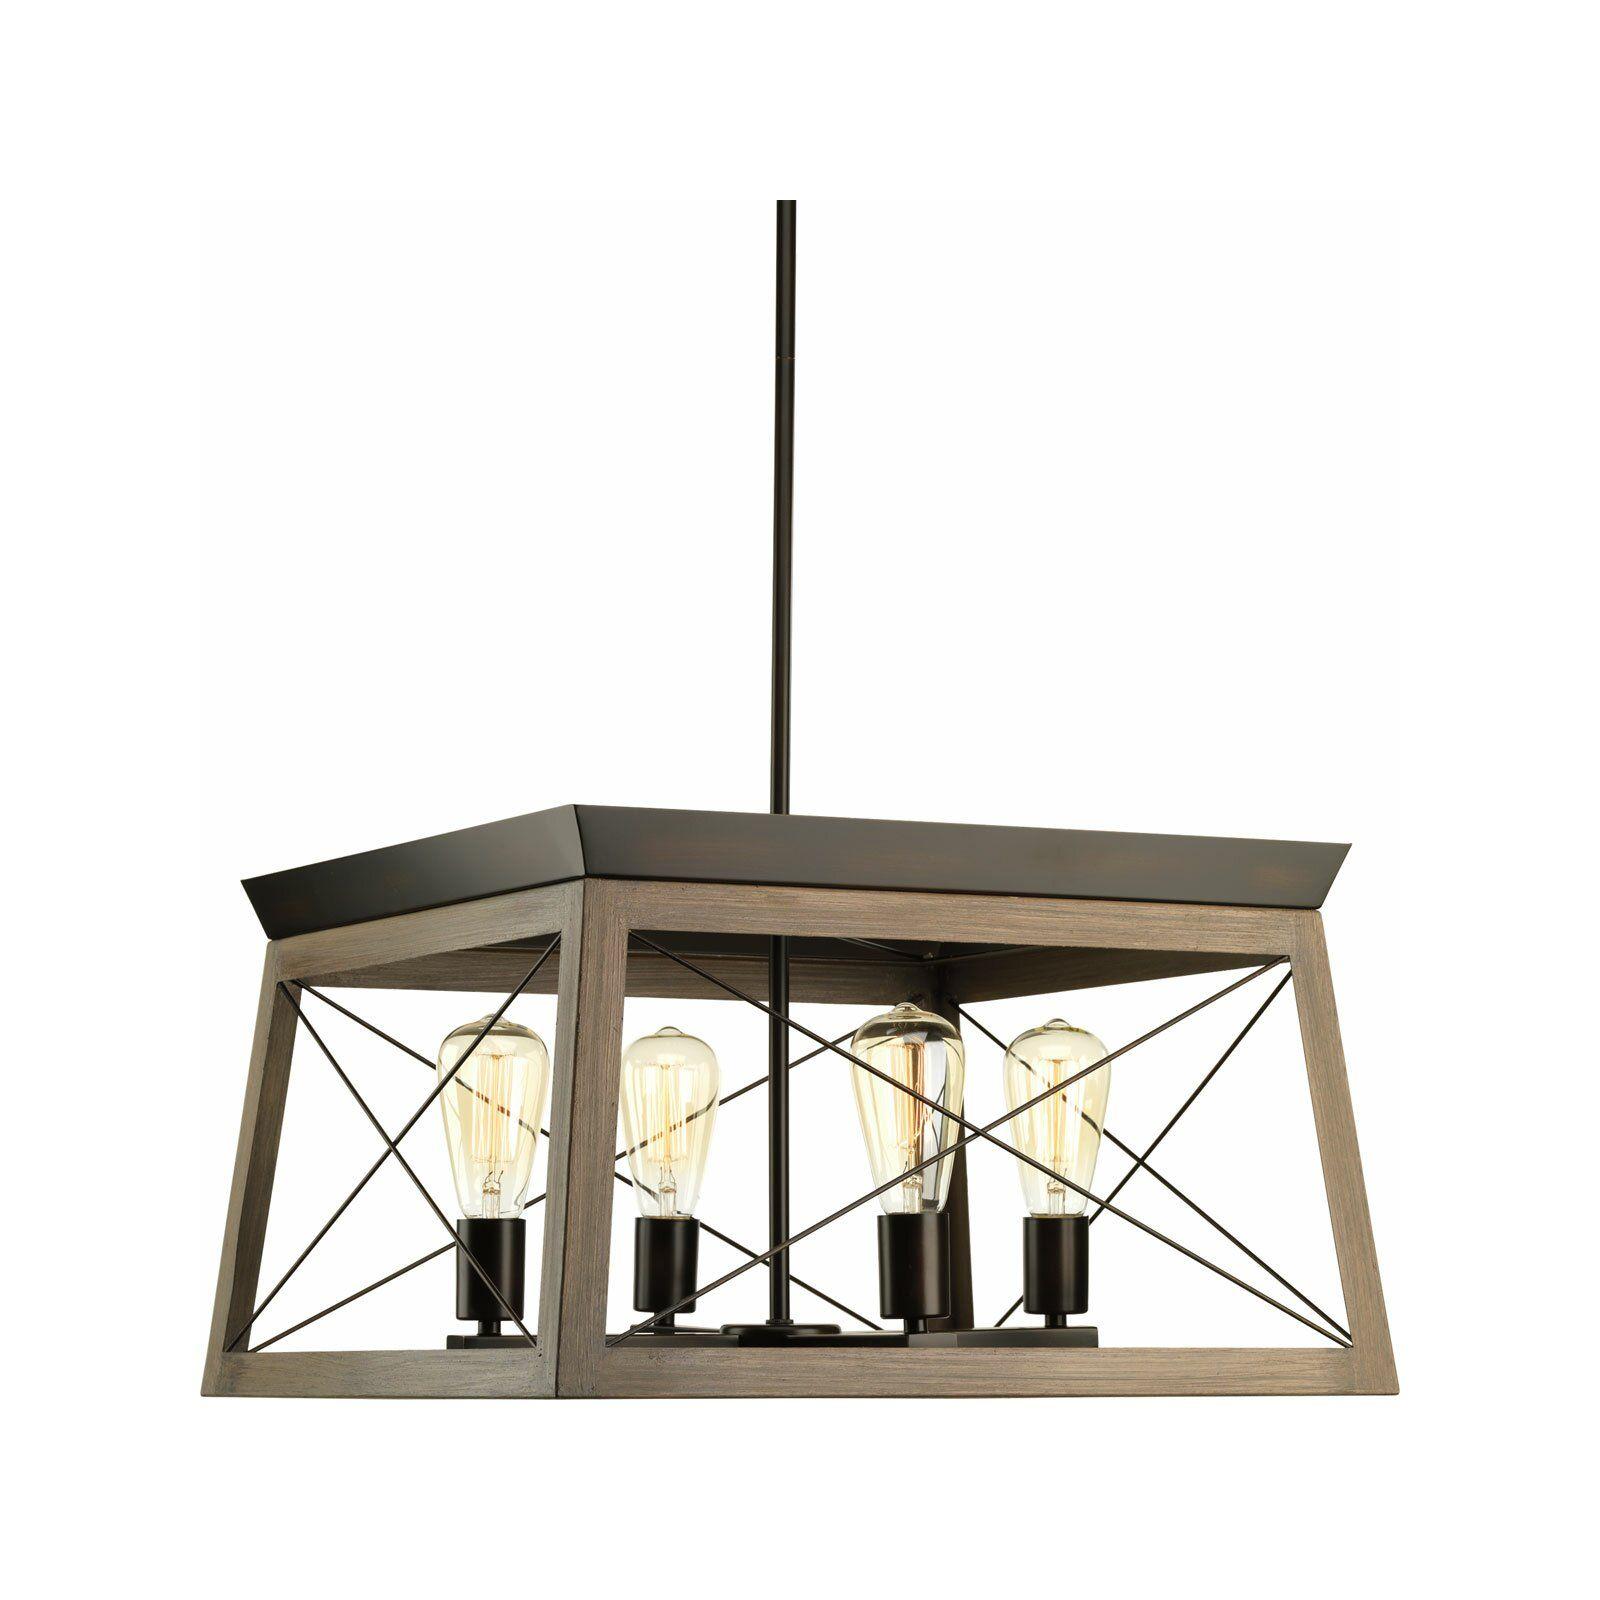 Laurel Foundry Modern Farmhouse Delon 4-Light Square in Delon 4-Light Square Chandeliers (Image 20 of 30)